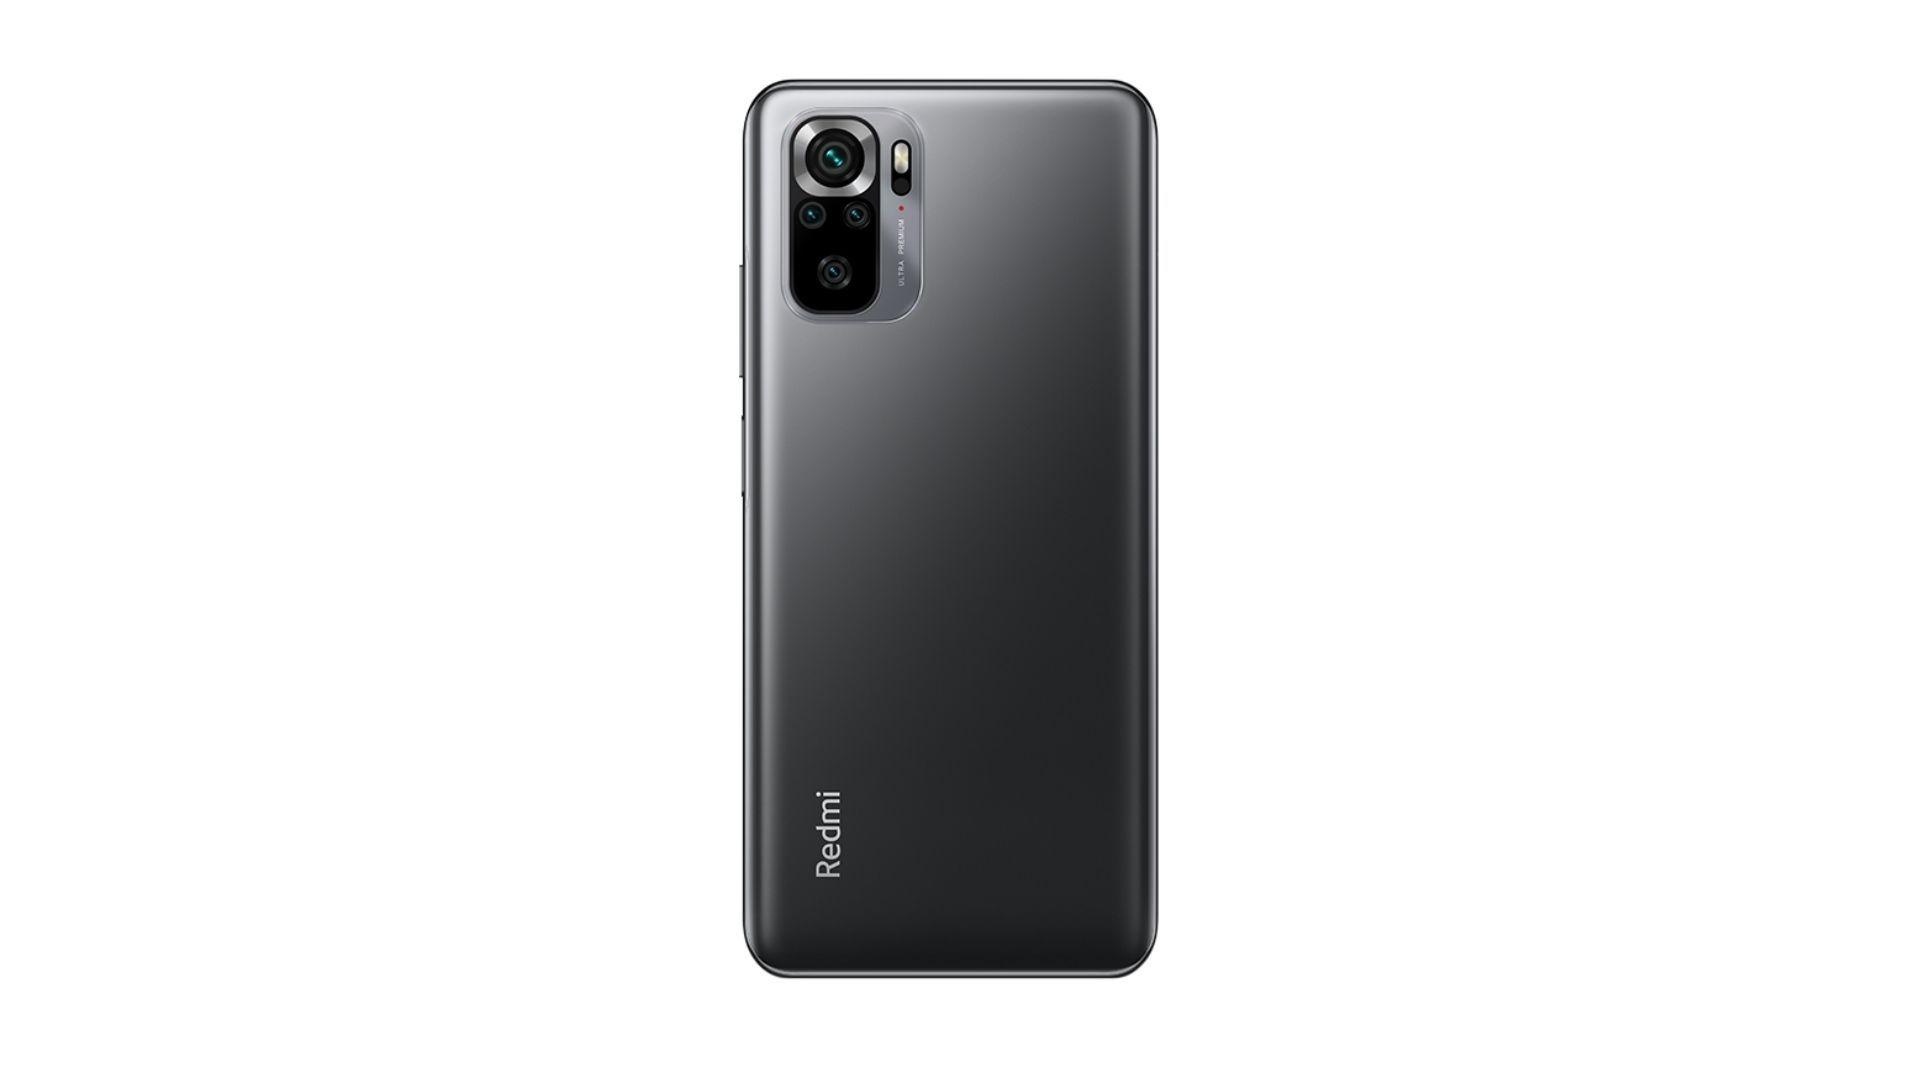 Celular preto Redmi Note 10S com destaque na traseira em fundo branco